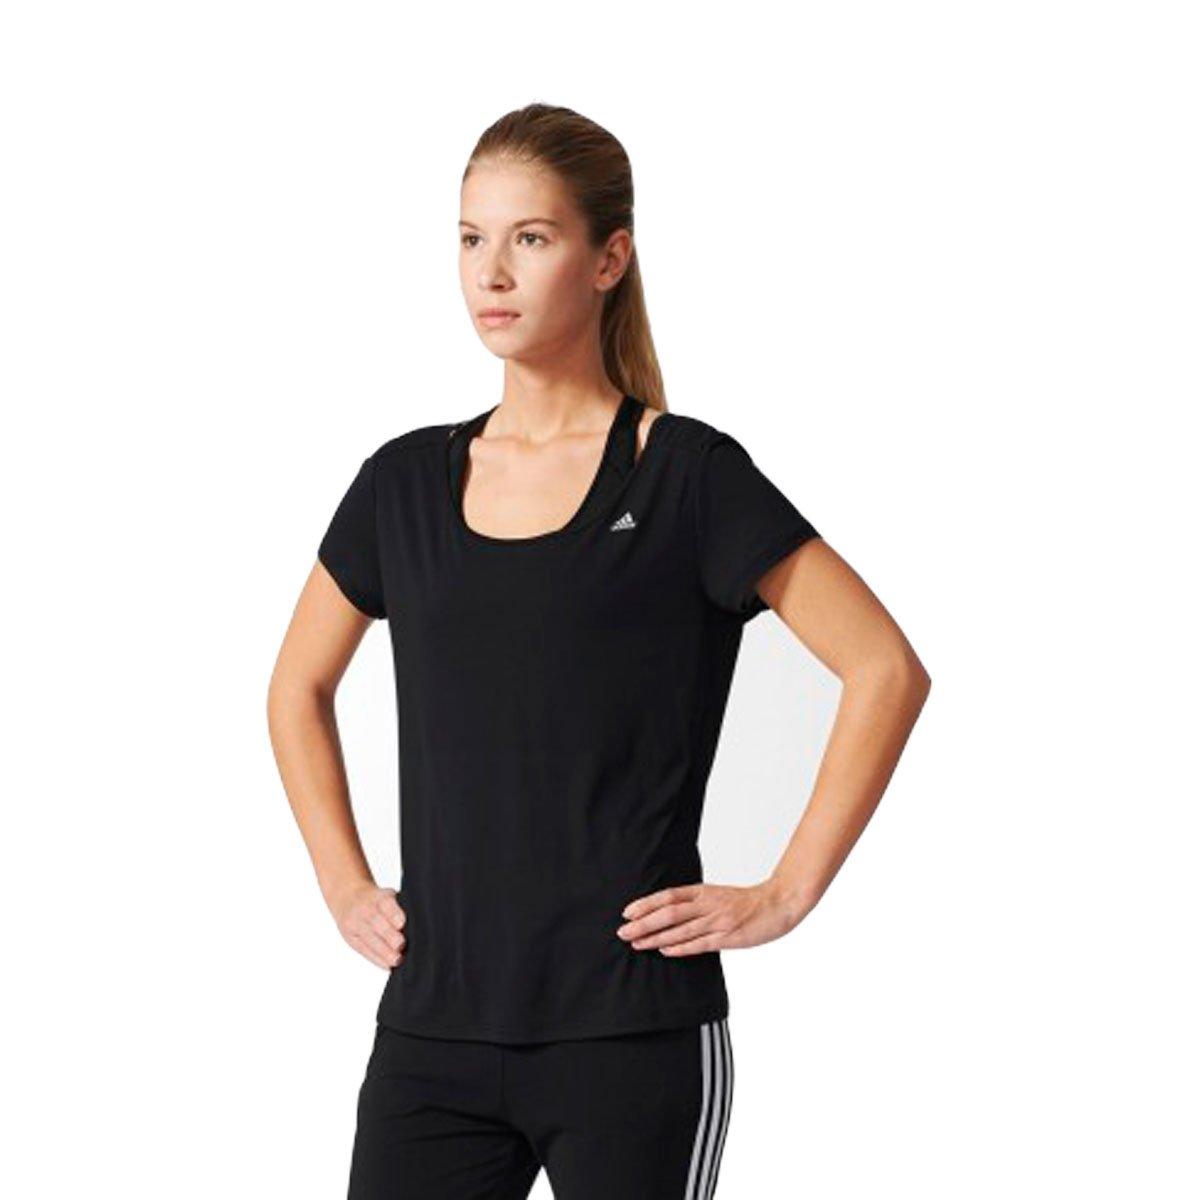 Bizz Store - Camiseta Feminina Adidas ESS Clima LW W Preto f539e4d24ab8a